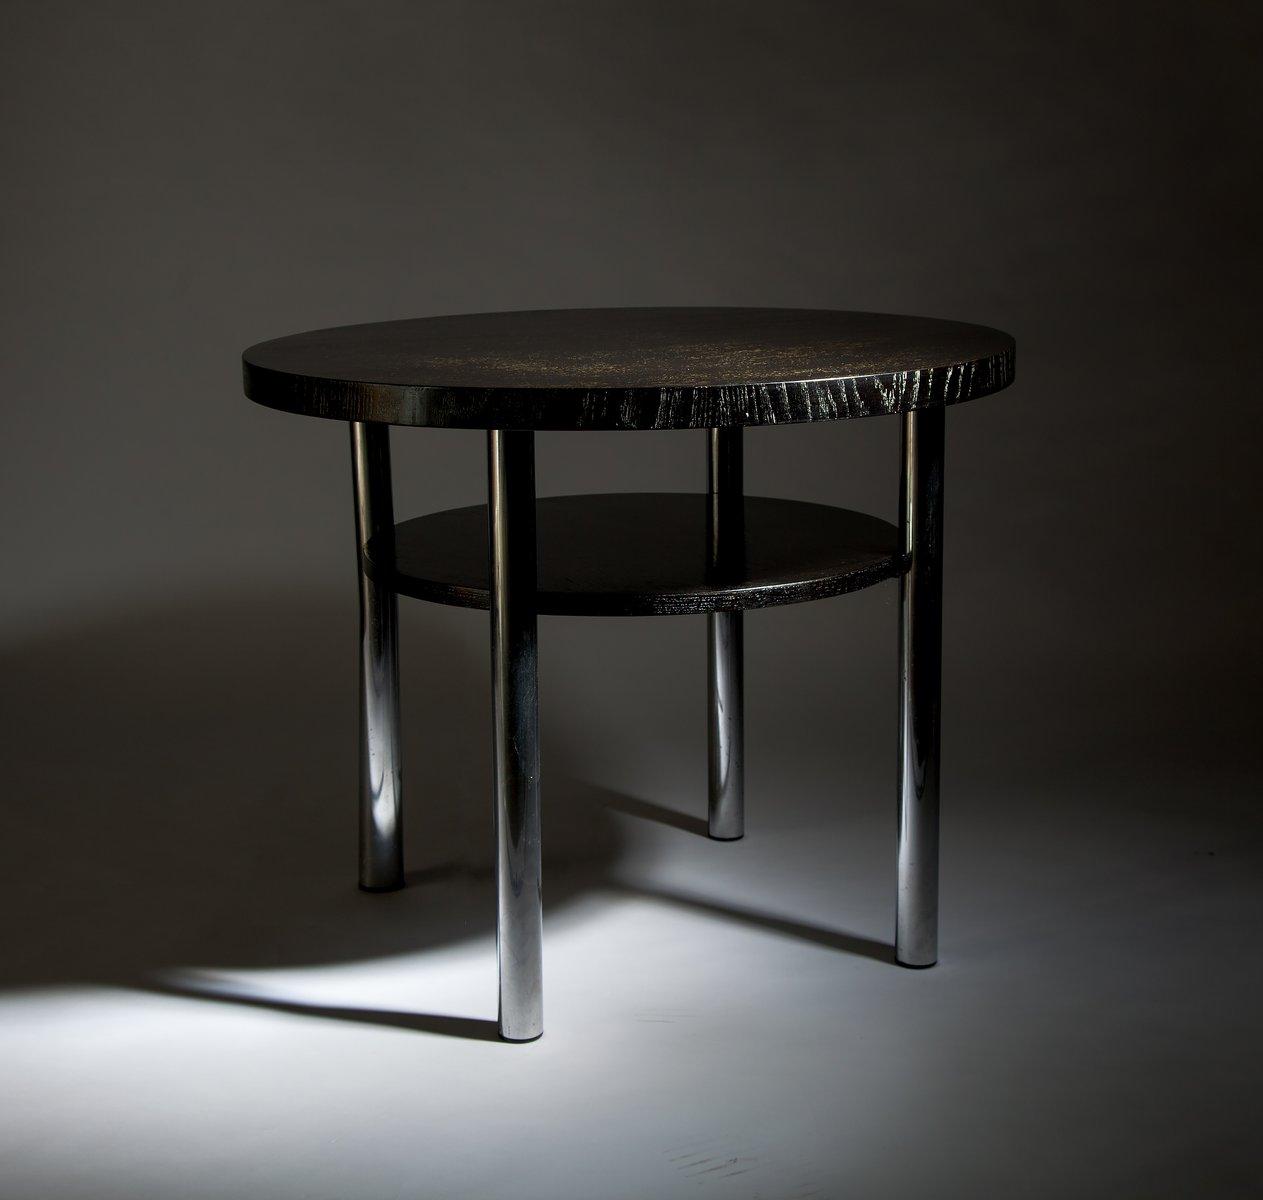 funktionalistischer vintage tisch bei pamono kaufen. Black Bedroom Furniture Sets. Home Design Ideas